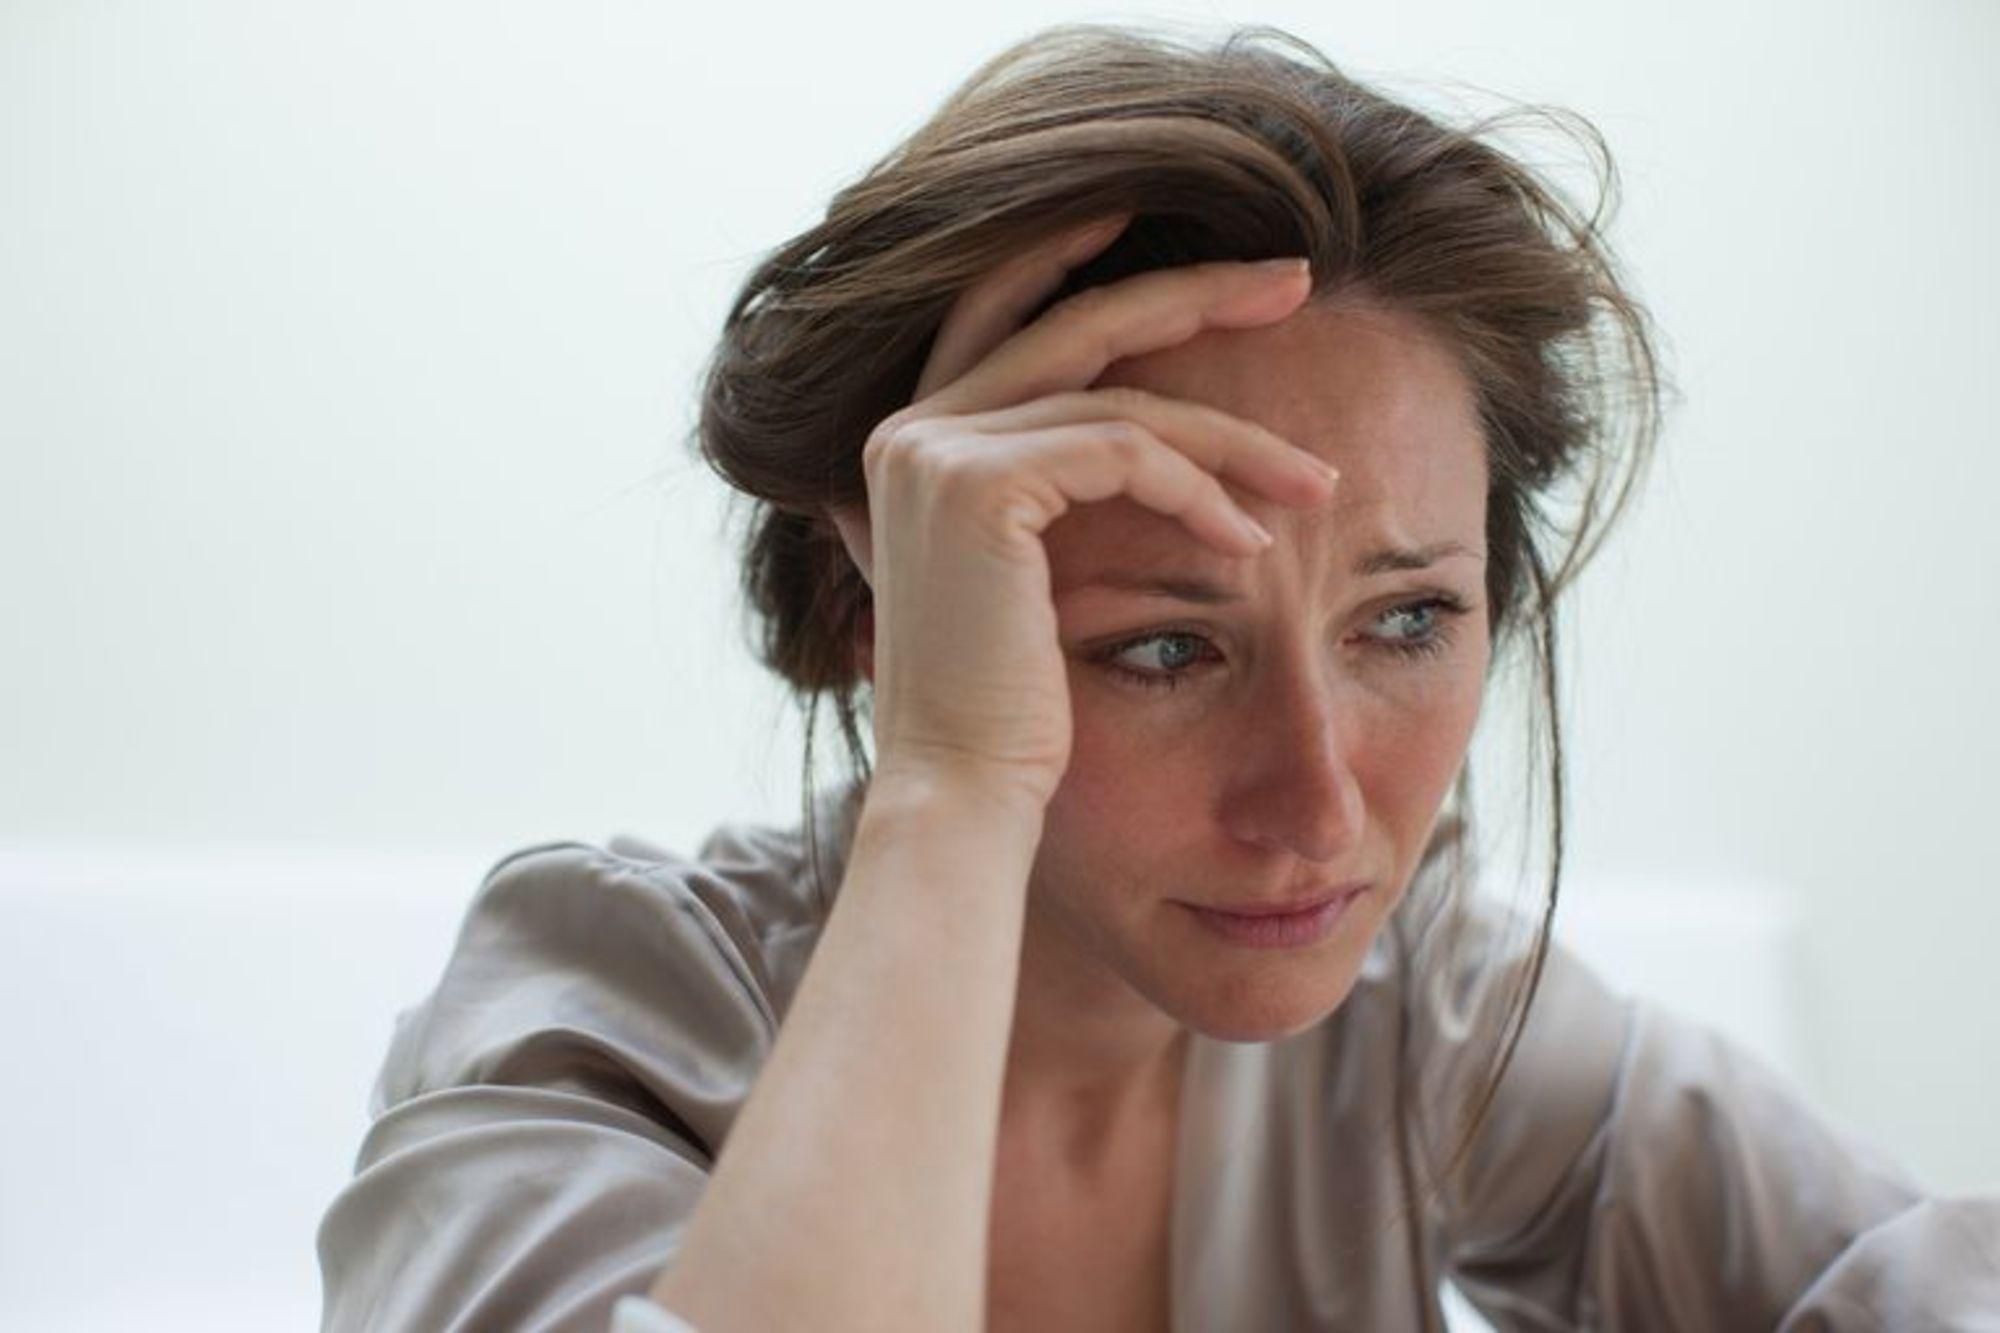 Segíthet-e a jóga a pánikbetegségen?